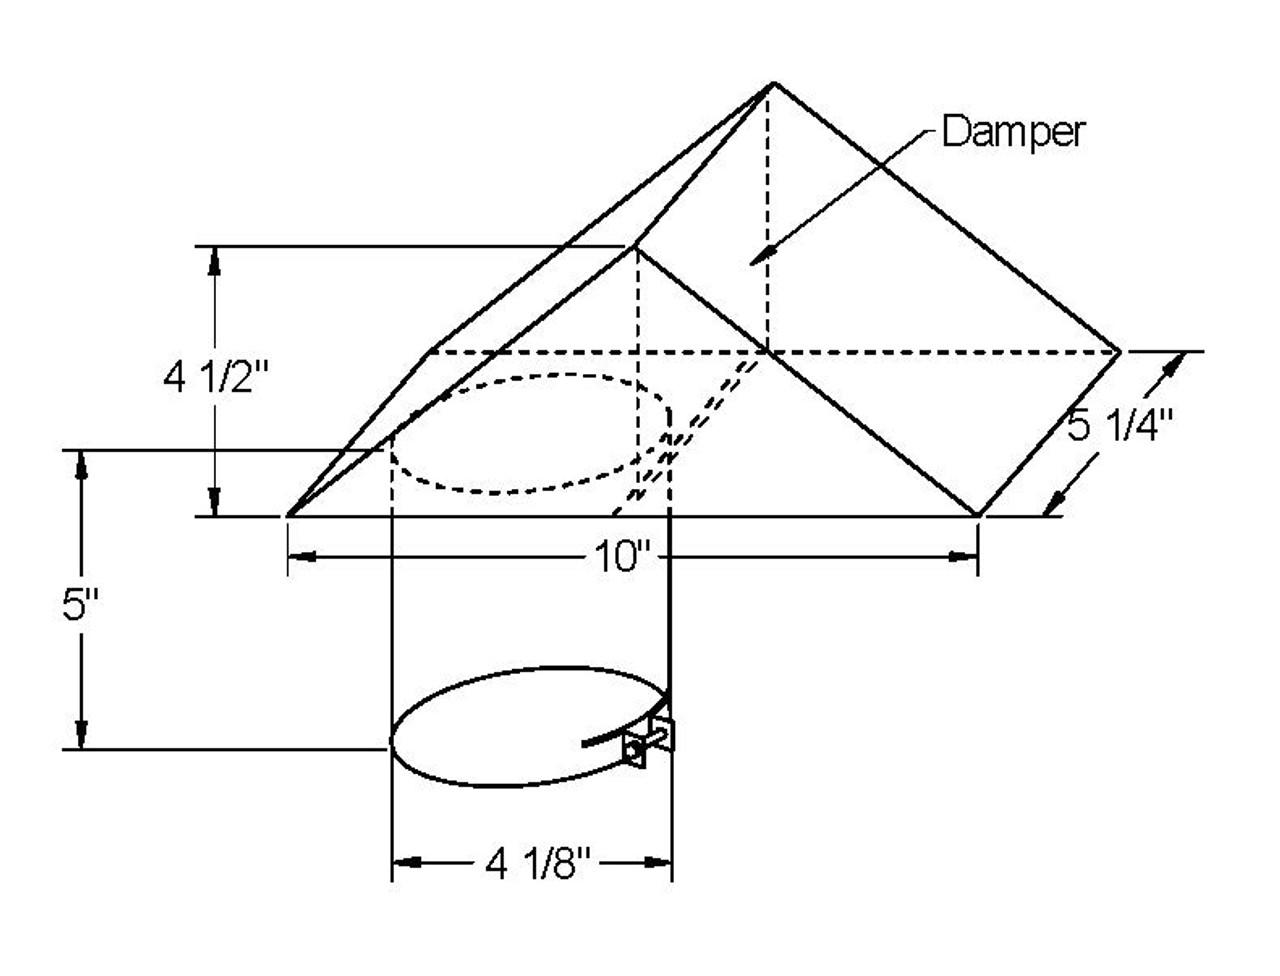 6 inch vertical dryer roof cap